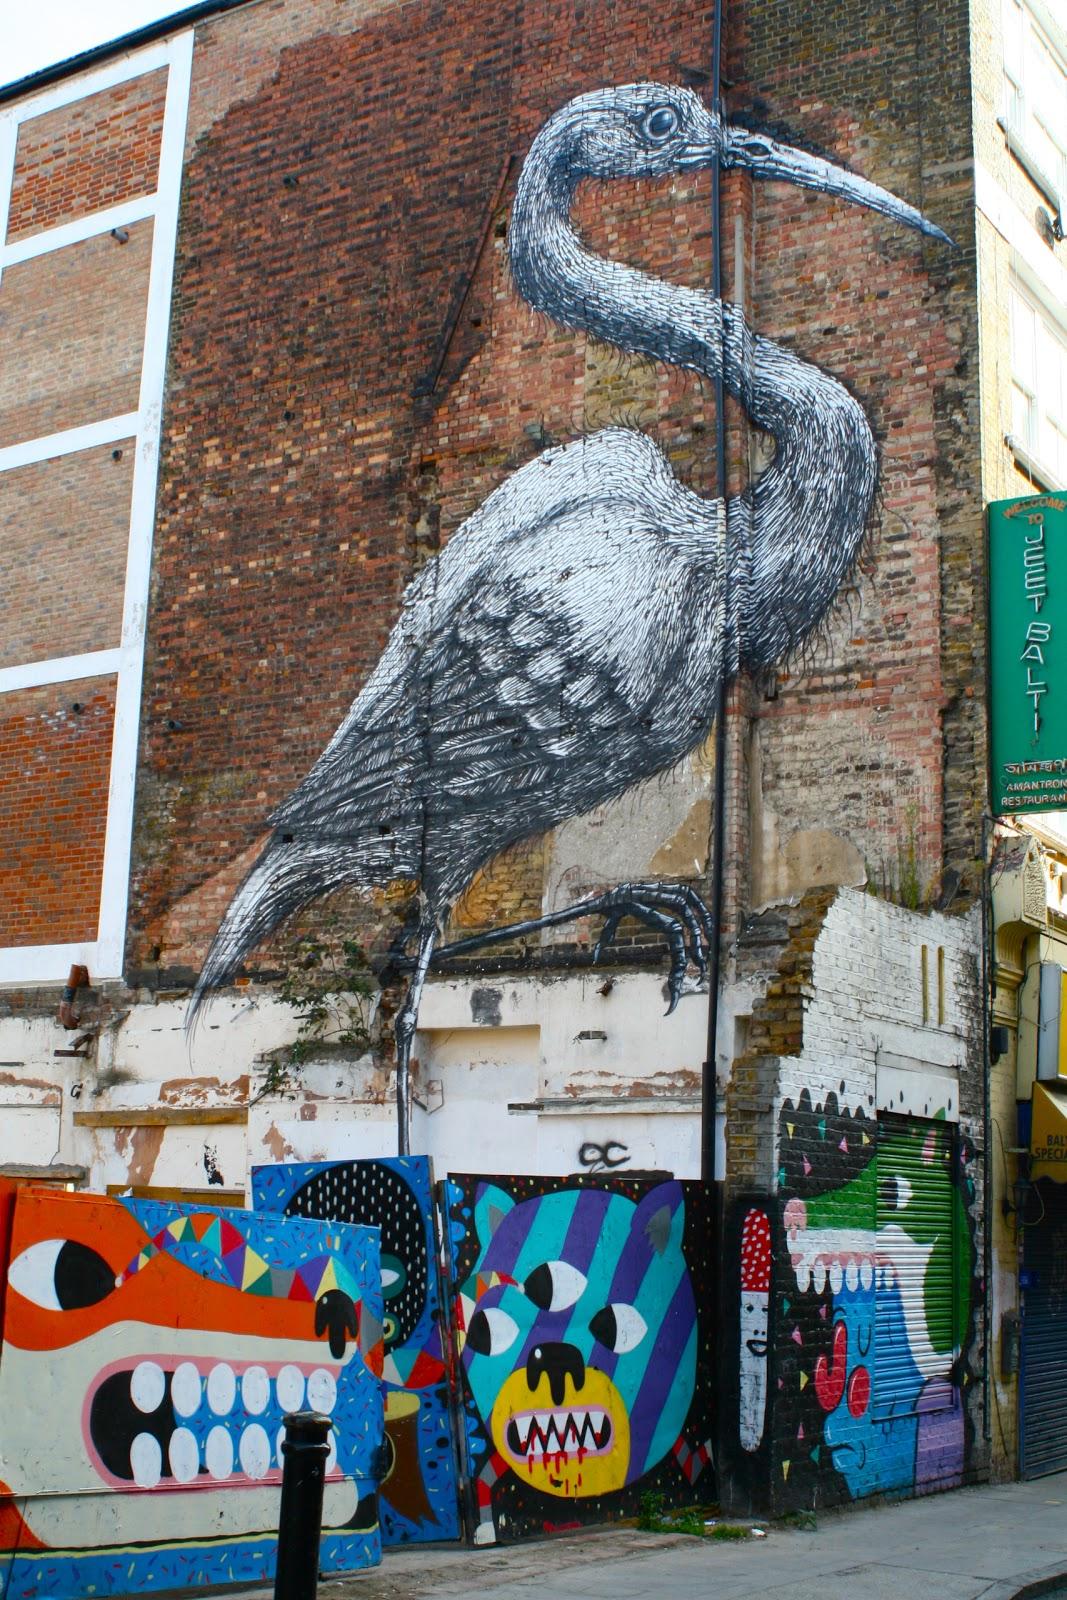 Shoreditch Street Art: Emma Hill: Shoreditch Street Art